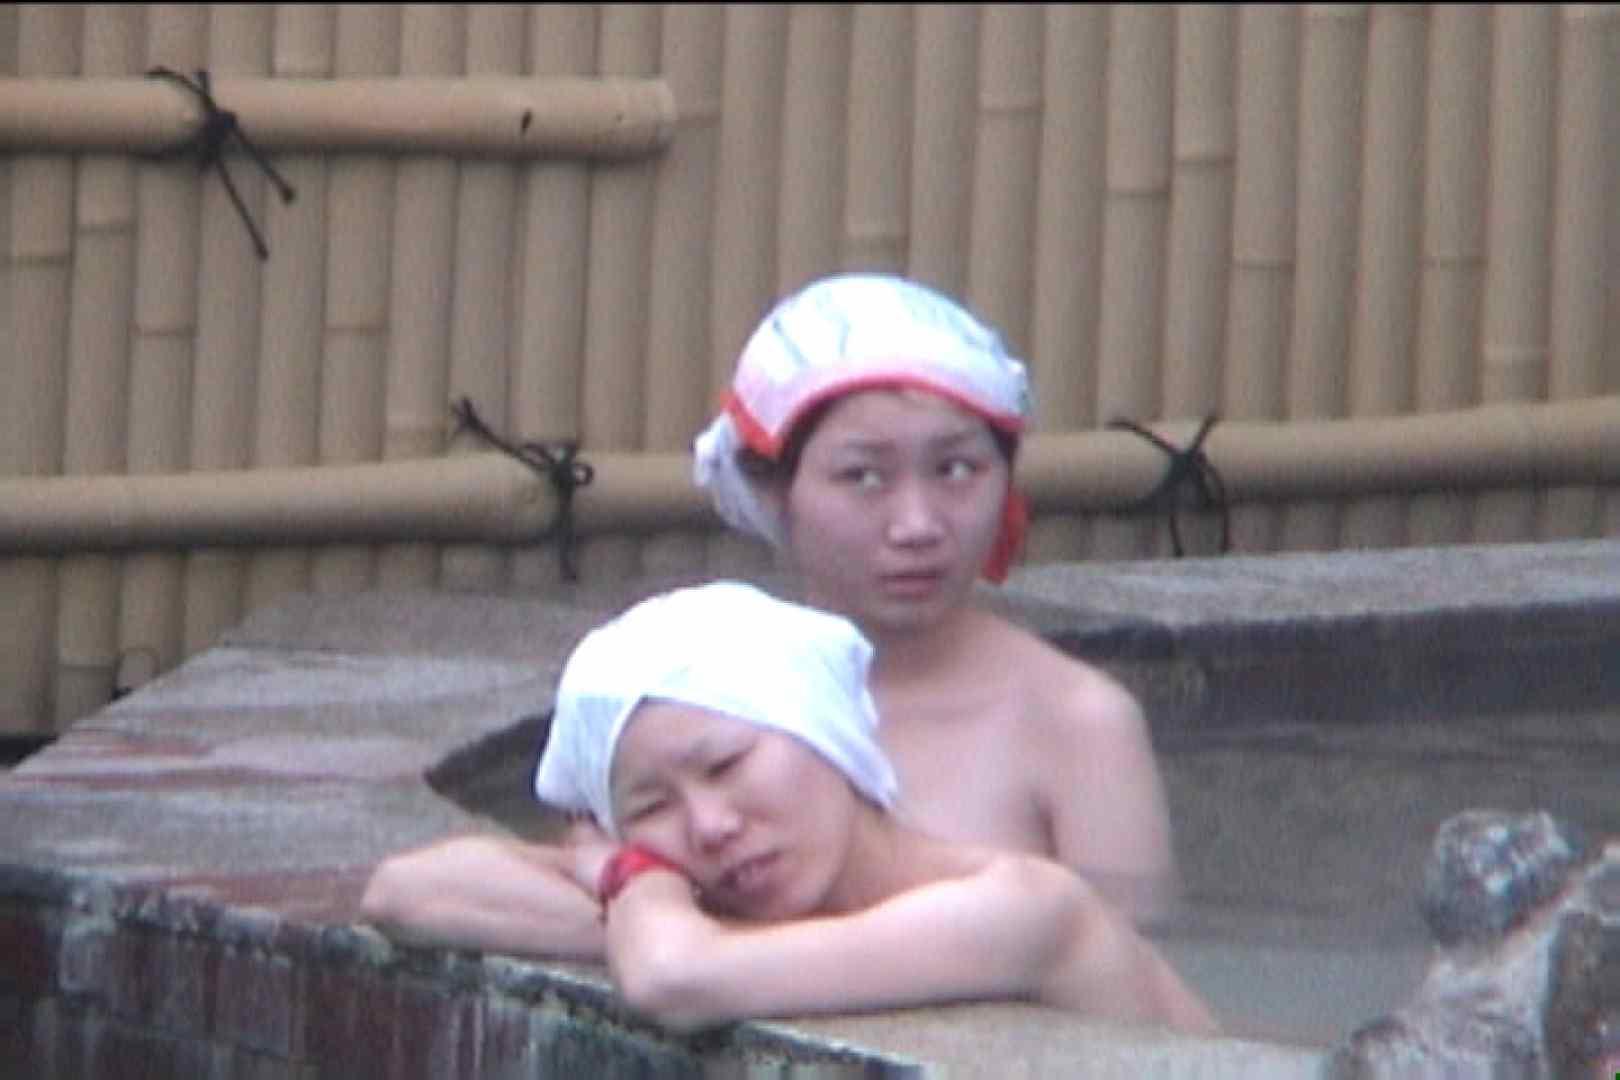 Aquaな露天風呂Vol.91【VIP限定】 OLエロ画像  104PICs 27